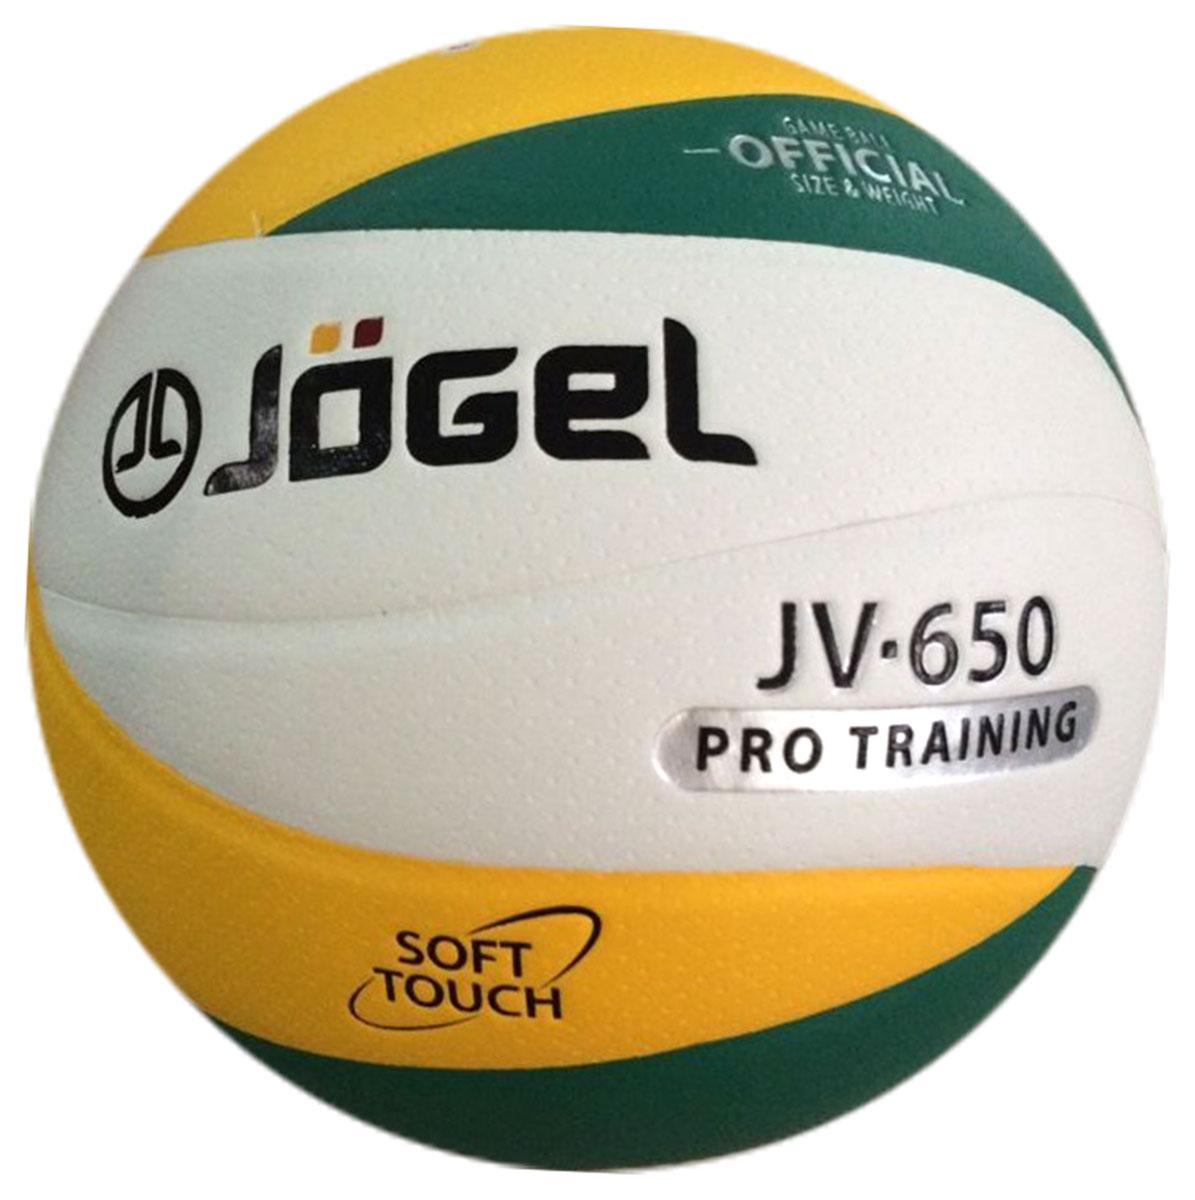 Мяч волейбольный Jogel, цвет: зеленый, желтый. Размер 5. JV-650УТ-00009345Название: Мяч волейбольный Jgel JV-650 Уровень: Тренировочно-игровой мяч Серия: PRO TRAINING Описание: Jogel JV-650 клееный волейбольный мяч из новой Коллекции 12-панельных мячей Jogel, серия PRO TRAINING. Уникальный дизайн панелей, новинка на российском рынке! Данная модель предназначена для профессиональных тренировок, благодаря чему обладает всеми необходимыми характеристиками для интенсивных занятий. Поверхность мяча выполнена из мягкой высококачественной синтетической кожи (полиуретан), с применением технологии Soft Touch, имитирующей по ощущениям натуральную кожу и обеспечивающей правильный отскок. Помимо этого, поверхность мяча обработана по технологии Dimple - микроуглубления на поверхности мяча, которые обеспечивают лучший контроль, мяч меньше скользит. Мяч состоит из 12-ти панелей, оснащен бутиловой камерой и армирован подкладочным слоем из ткани. Рекомендован для тренировок команд среднего и высокого уровня, а также соревнований любительских и средних команд. Данный мяч...